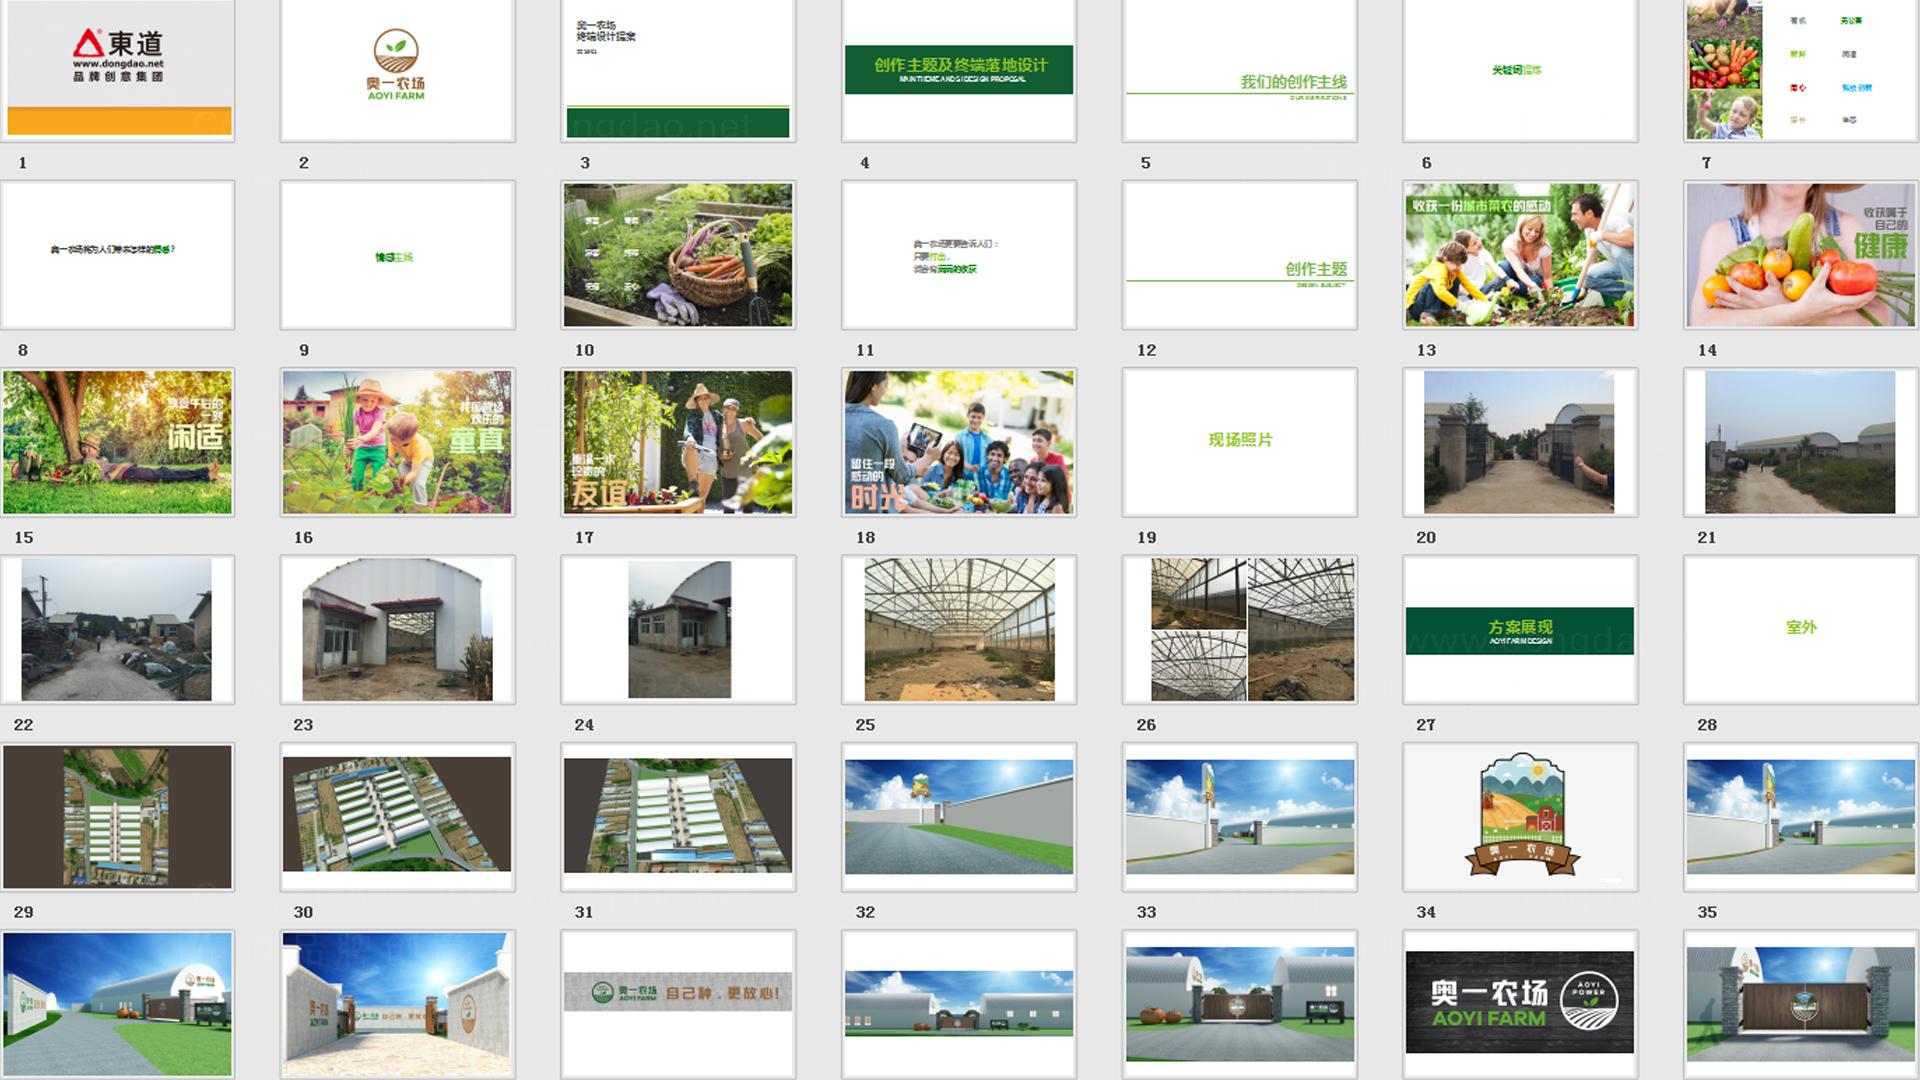 商业空间&导示奥一农场农场SI设计应用场景_11